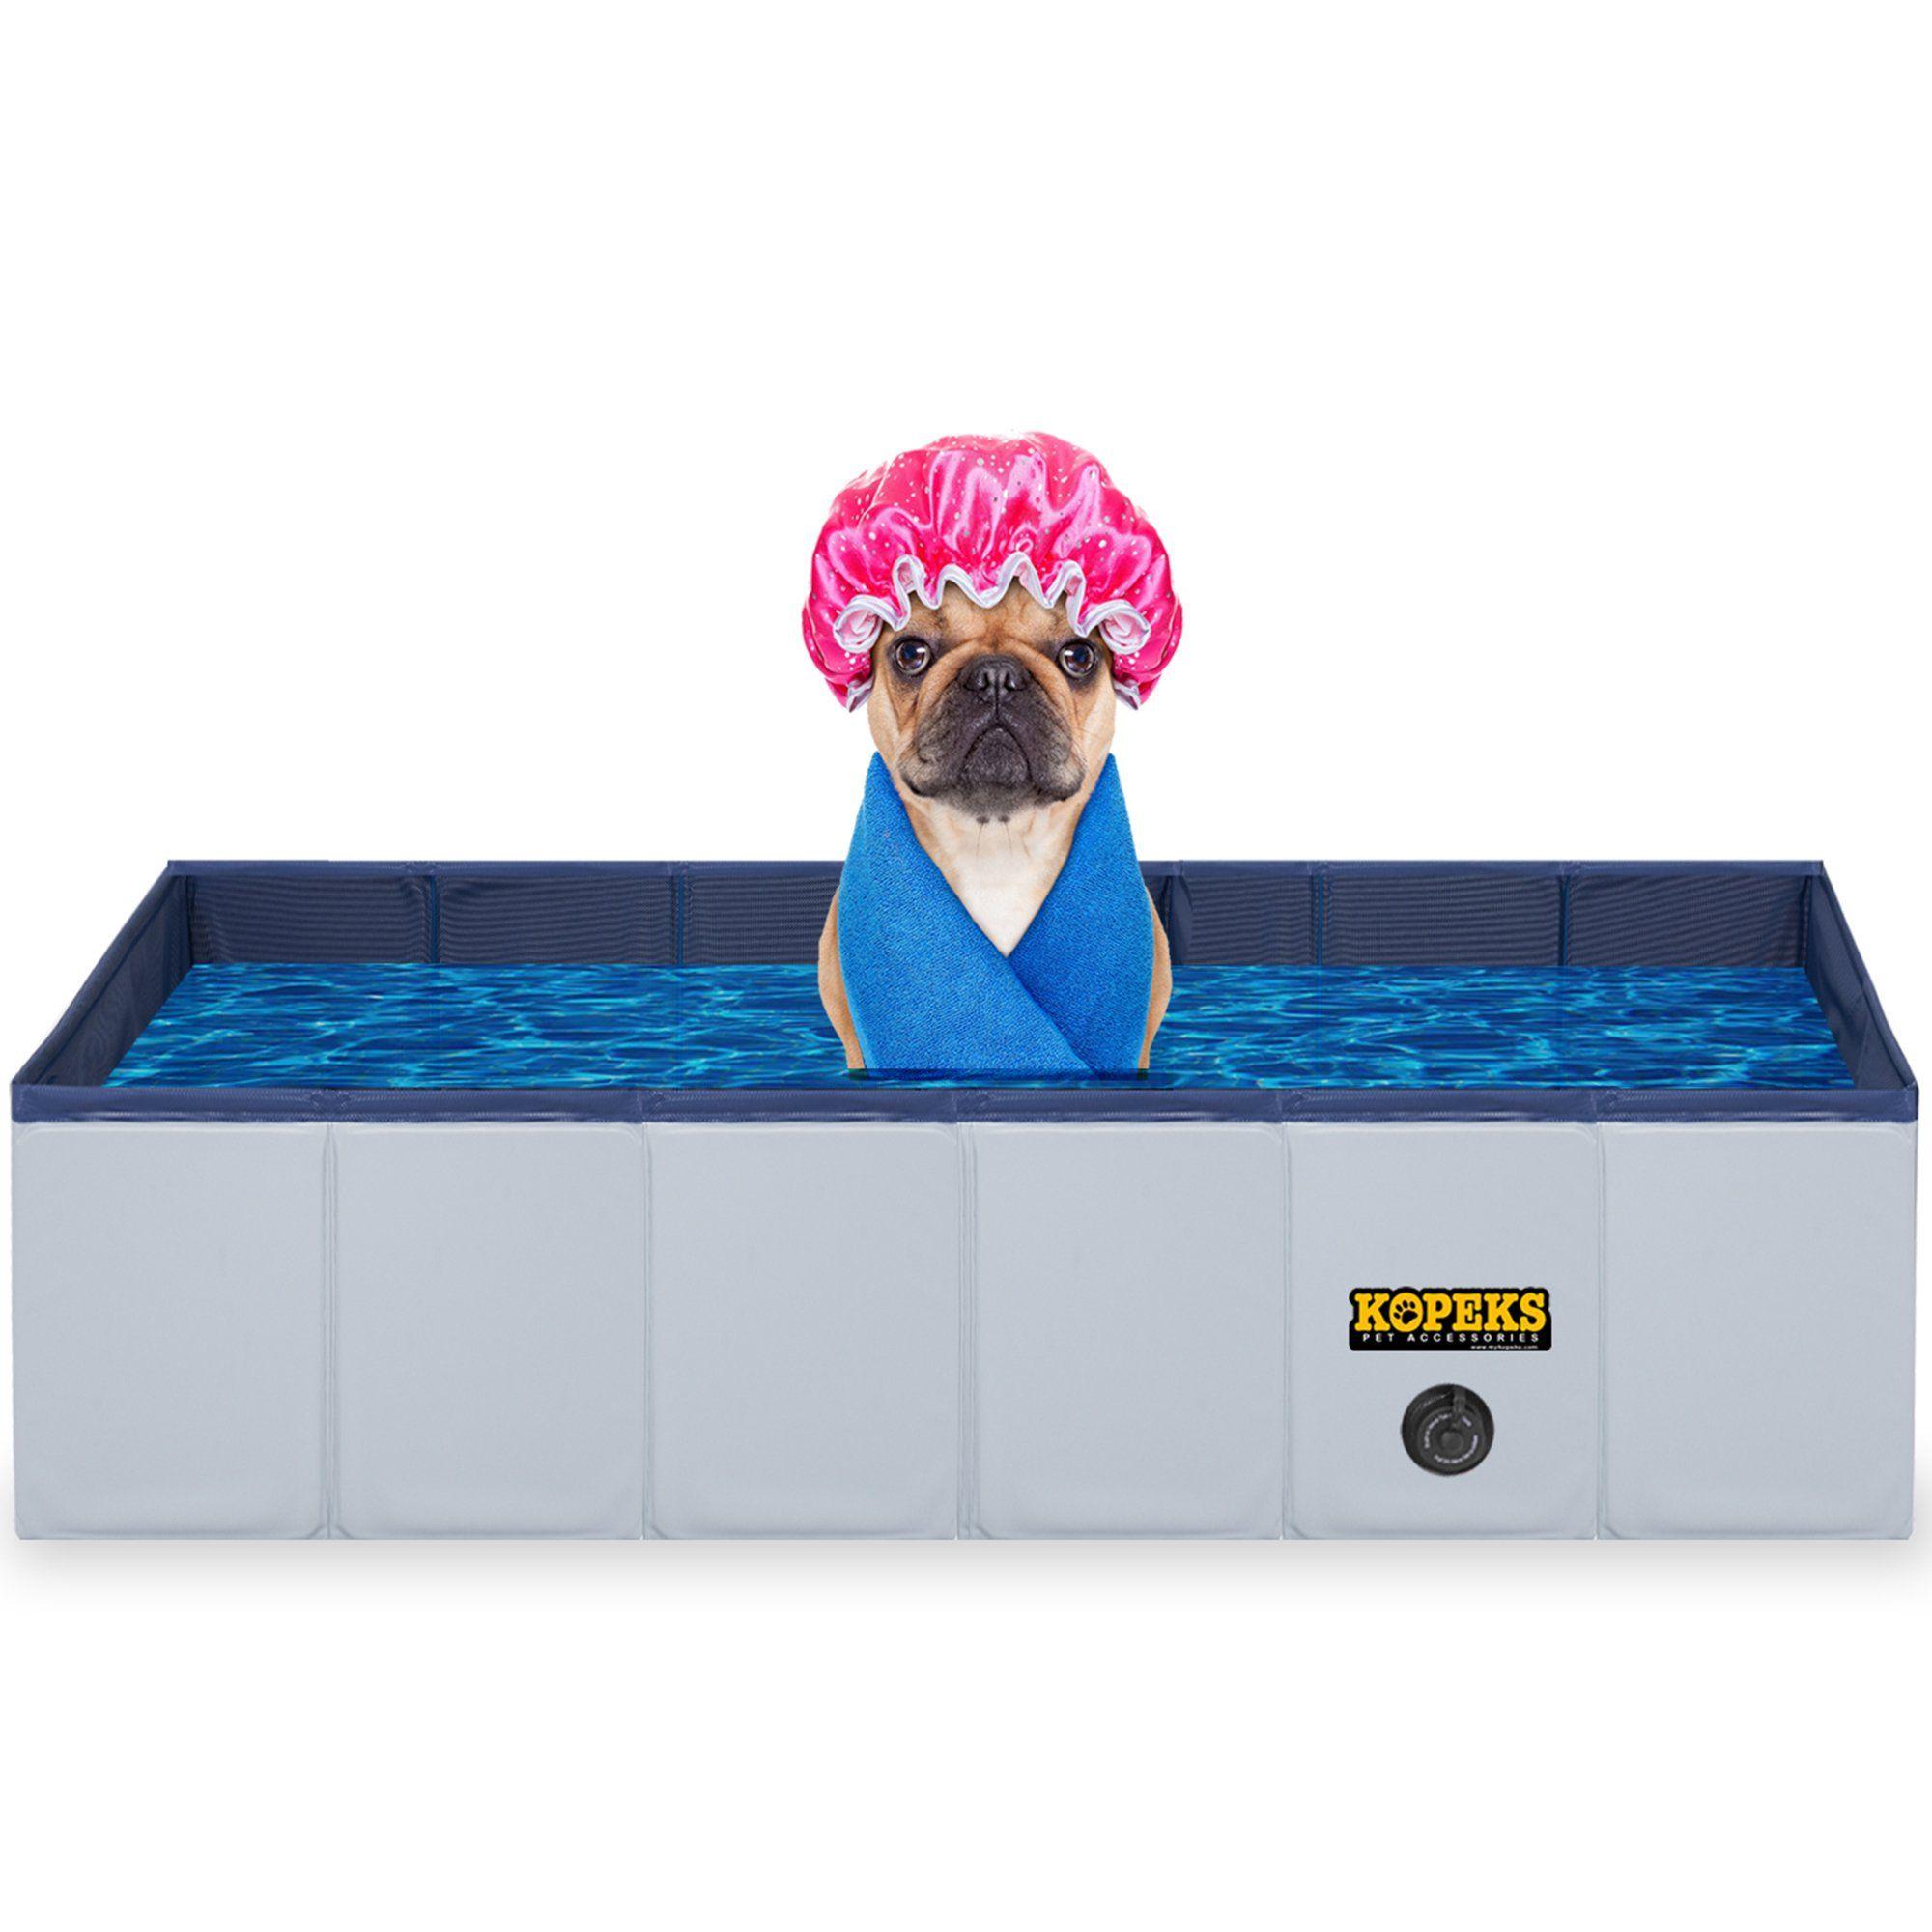 Kopeks Rectangular Outdoor Pet Grey Swimming Pool Large Pets